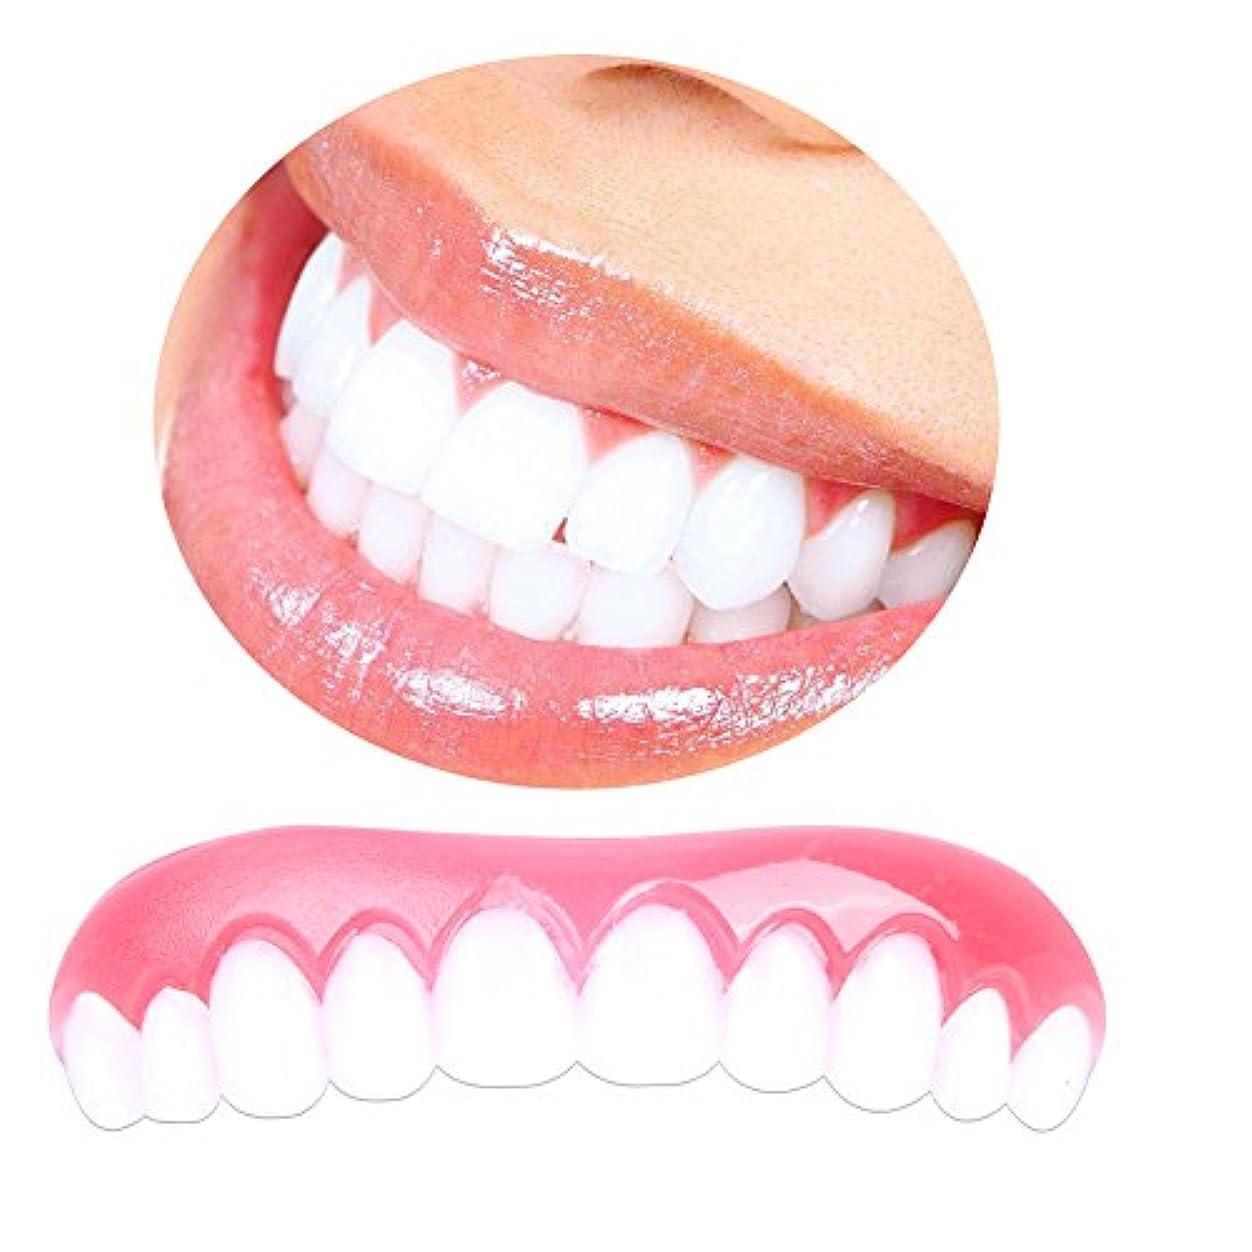 漏斗従来の居眠りするコンフォートフィットフレックス化粧品歯パーフェクトスマイルベニアダブの歯の矯正用ダブ歯用ホワイトパーフェクトスマイルベニア歯のホワイトニング-2個